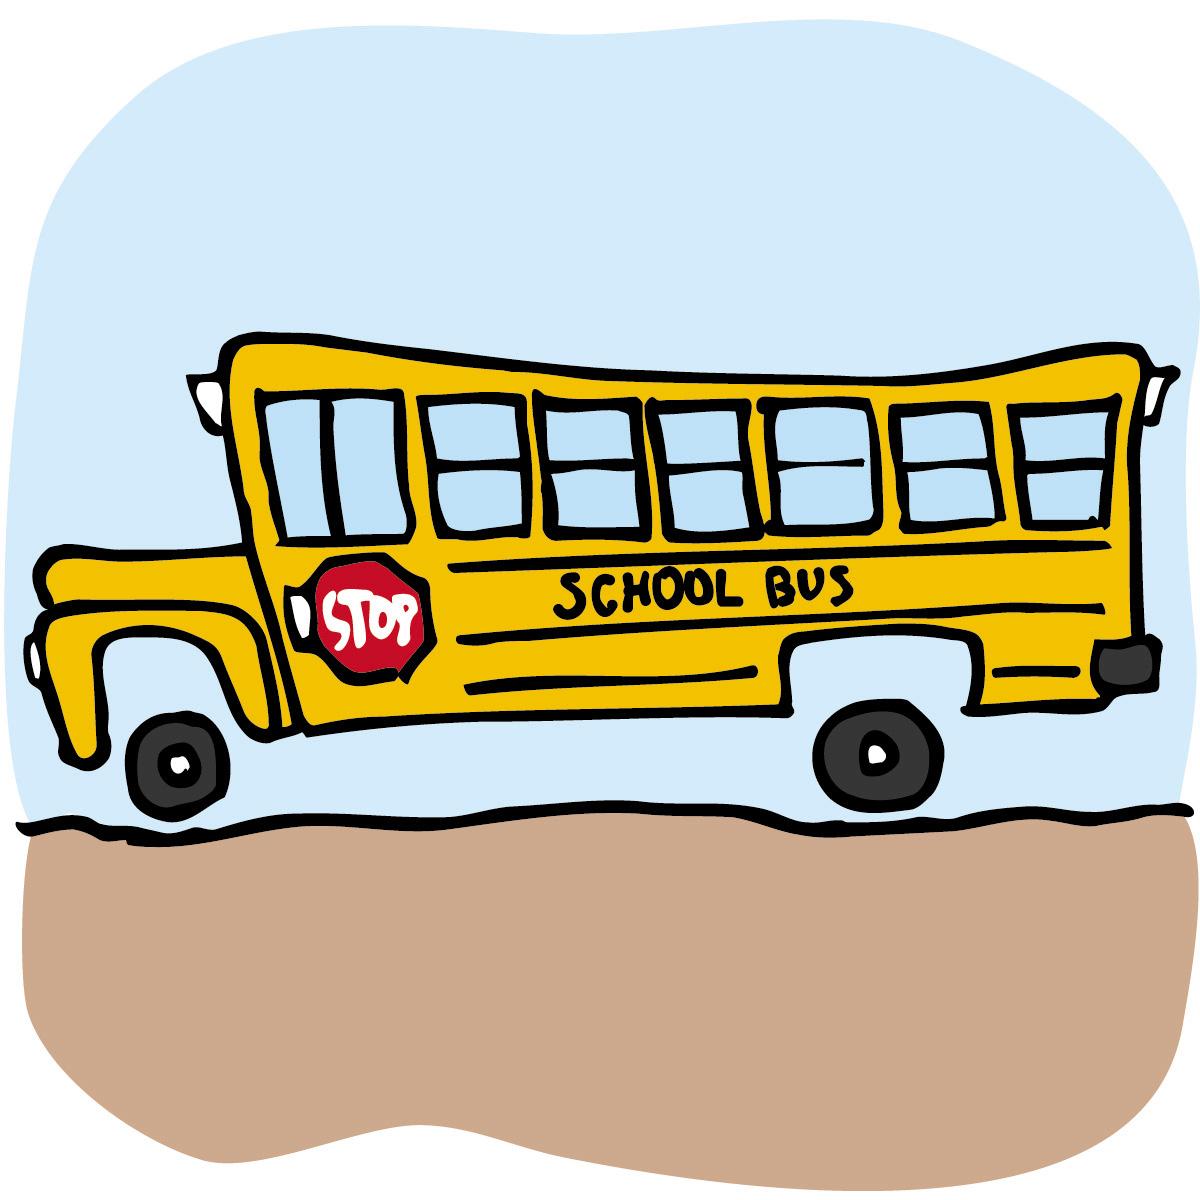 Tour free images gclipart. Bus clipart day trip